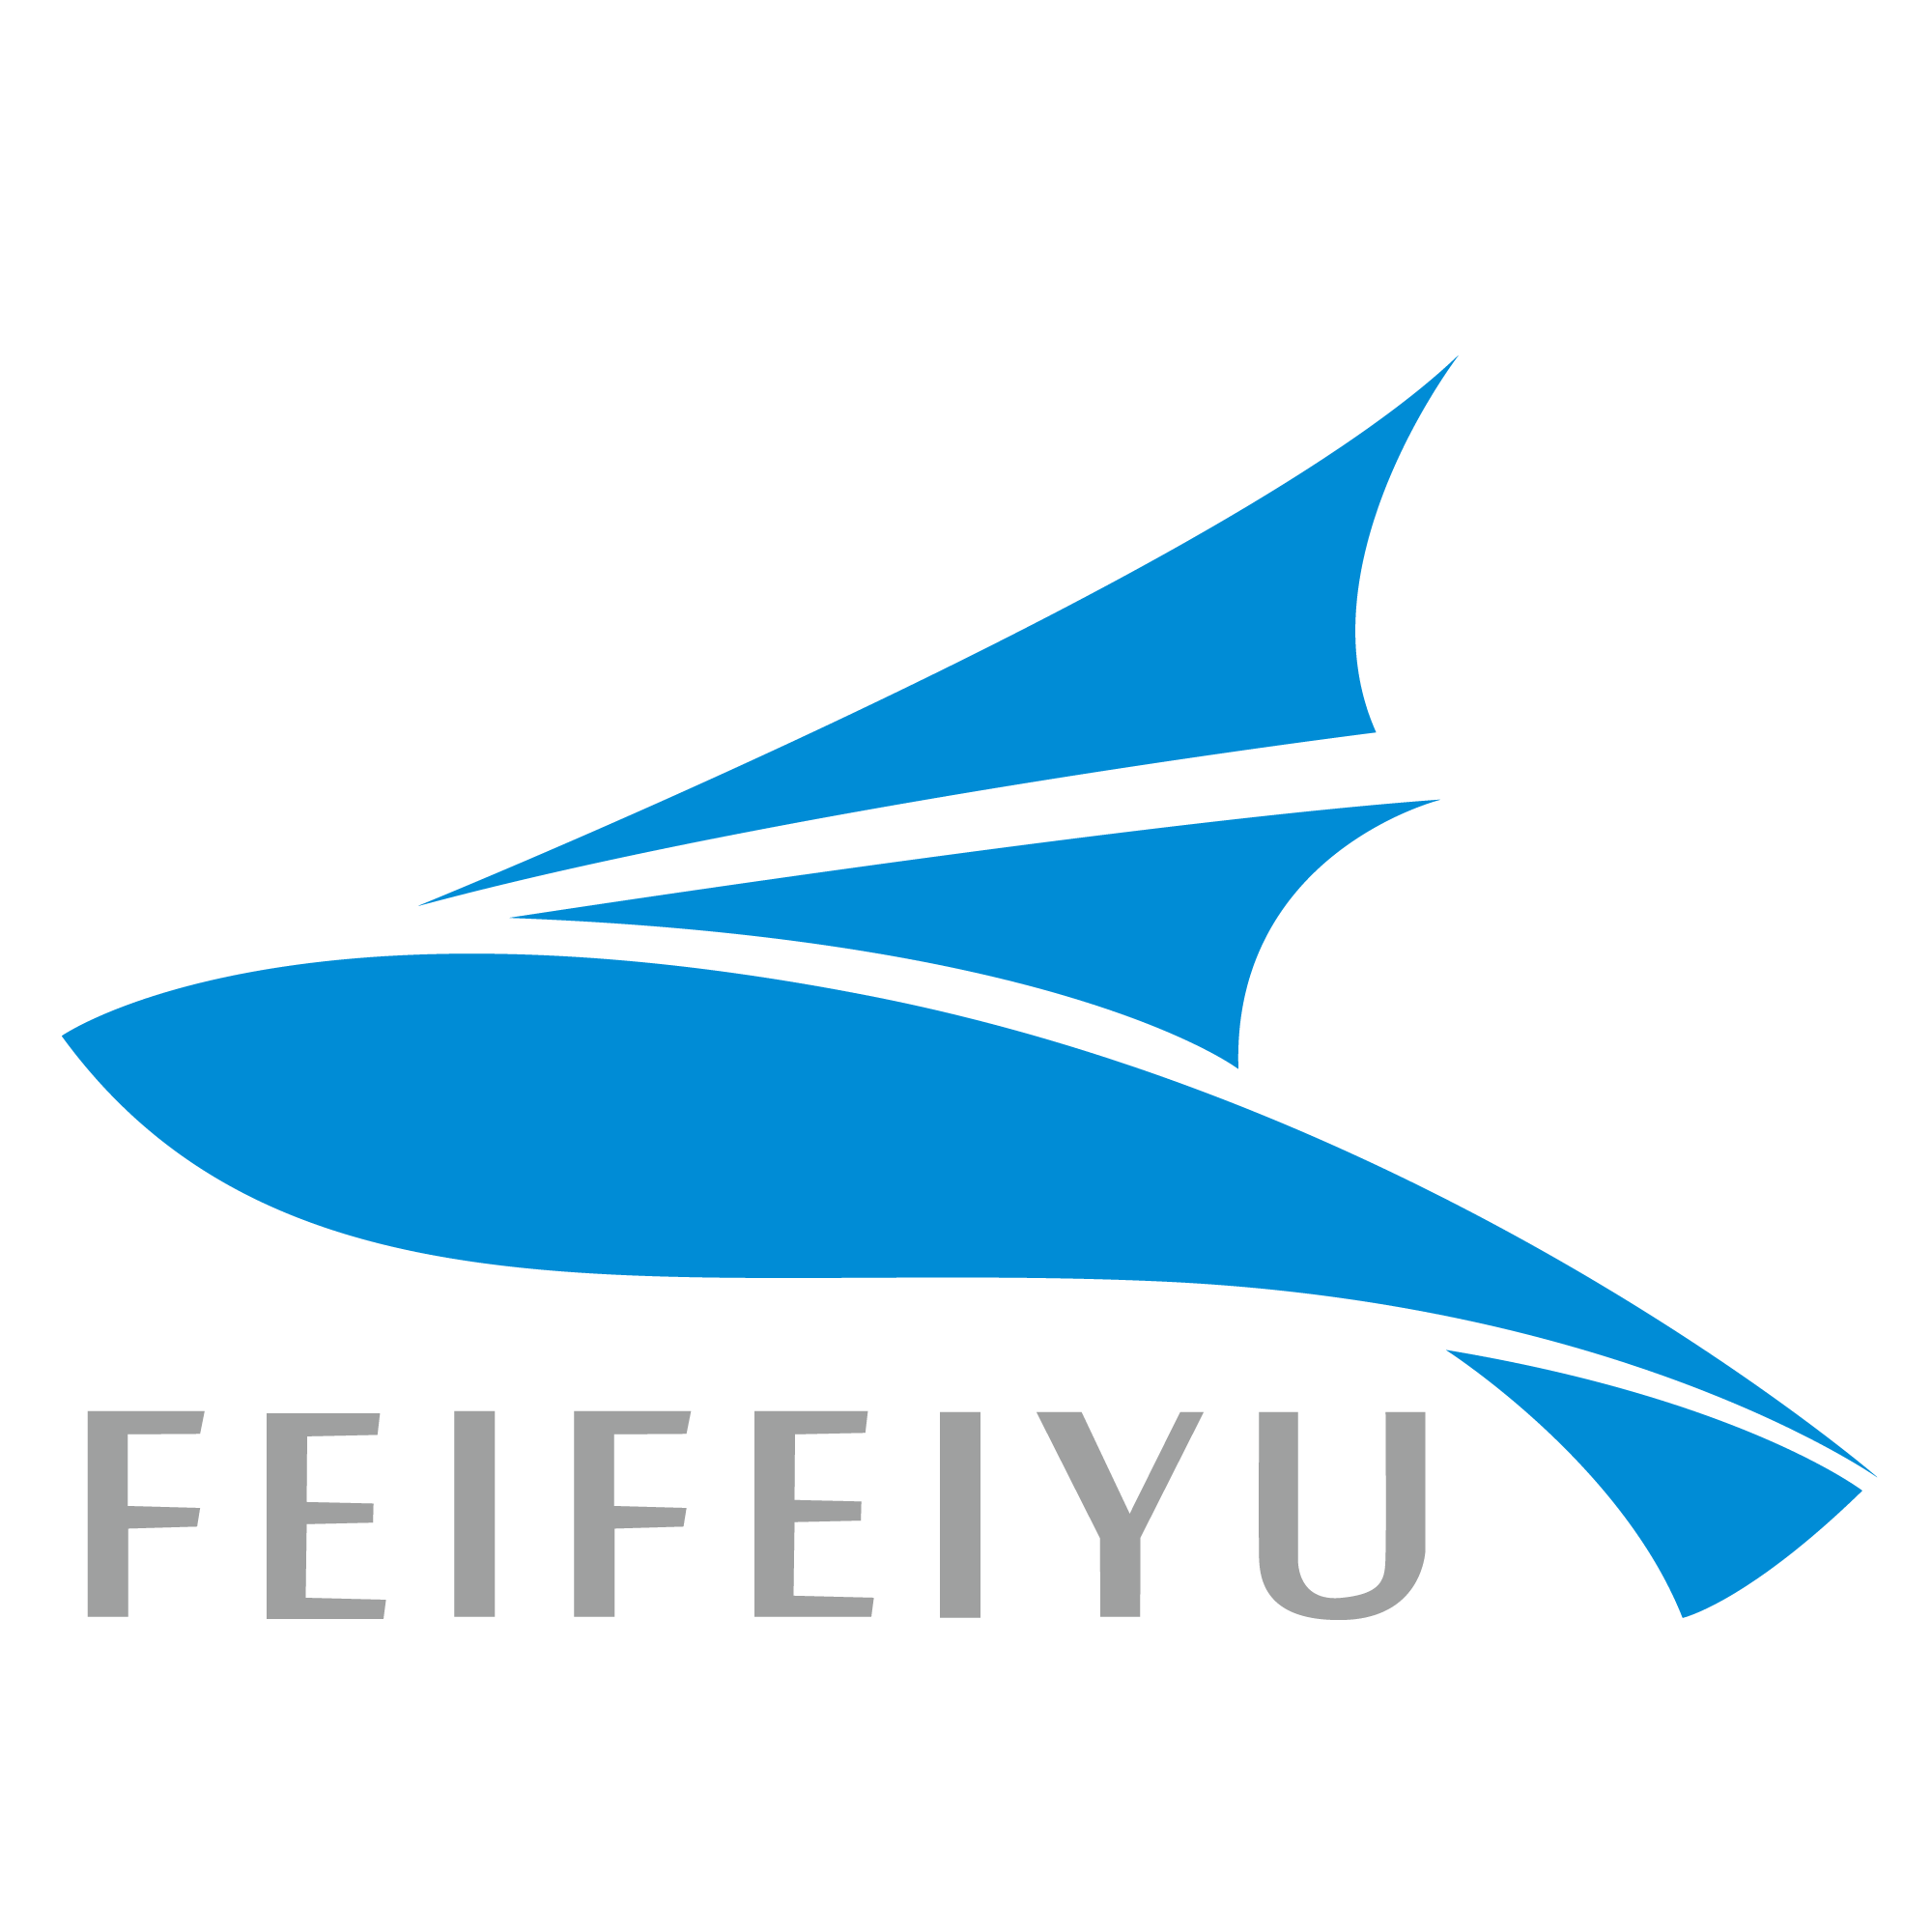 廈門飛飛魚電子商務有限公司